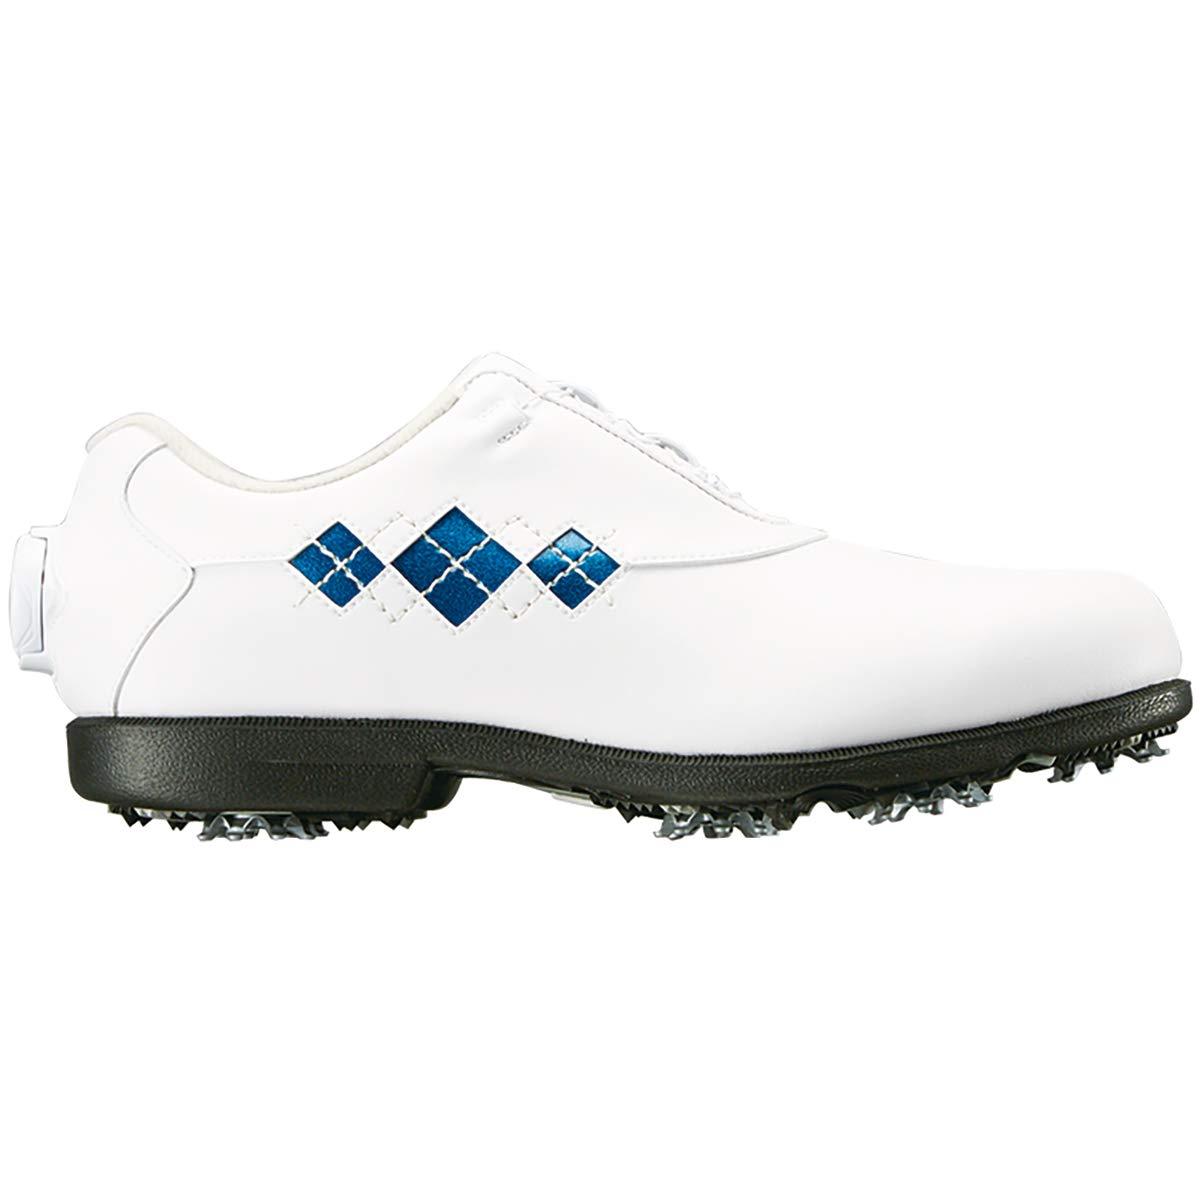 フットジョイ Foot Joy シューズ Eコンフォート Boa シューズ レディス B07JCR4T79 24.5 cm|ホワイト/ブルー ホワイト/ブルー 24.5 cm